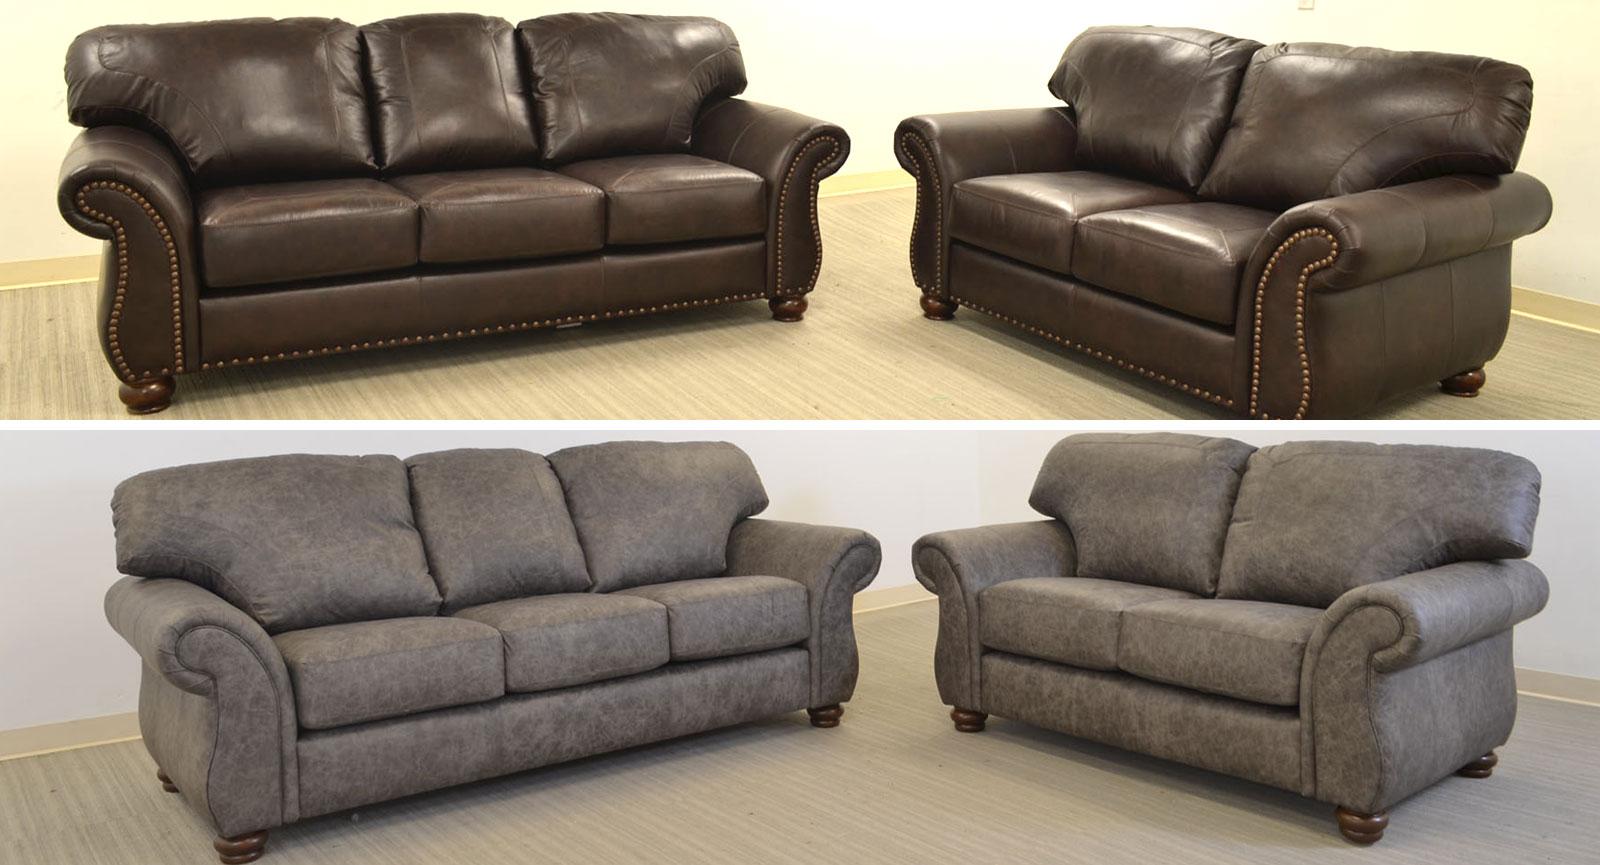 Sofa grande brown and coffee rio grande corner sofa right for Muebles corman